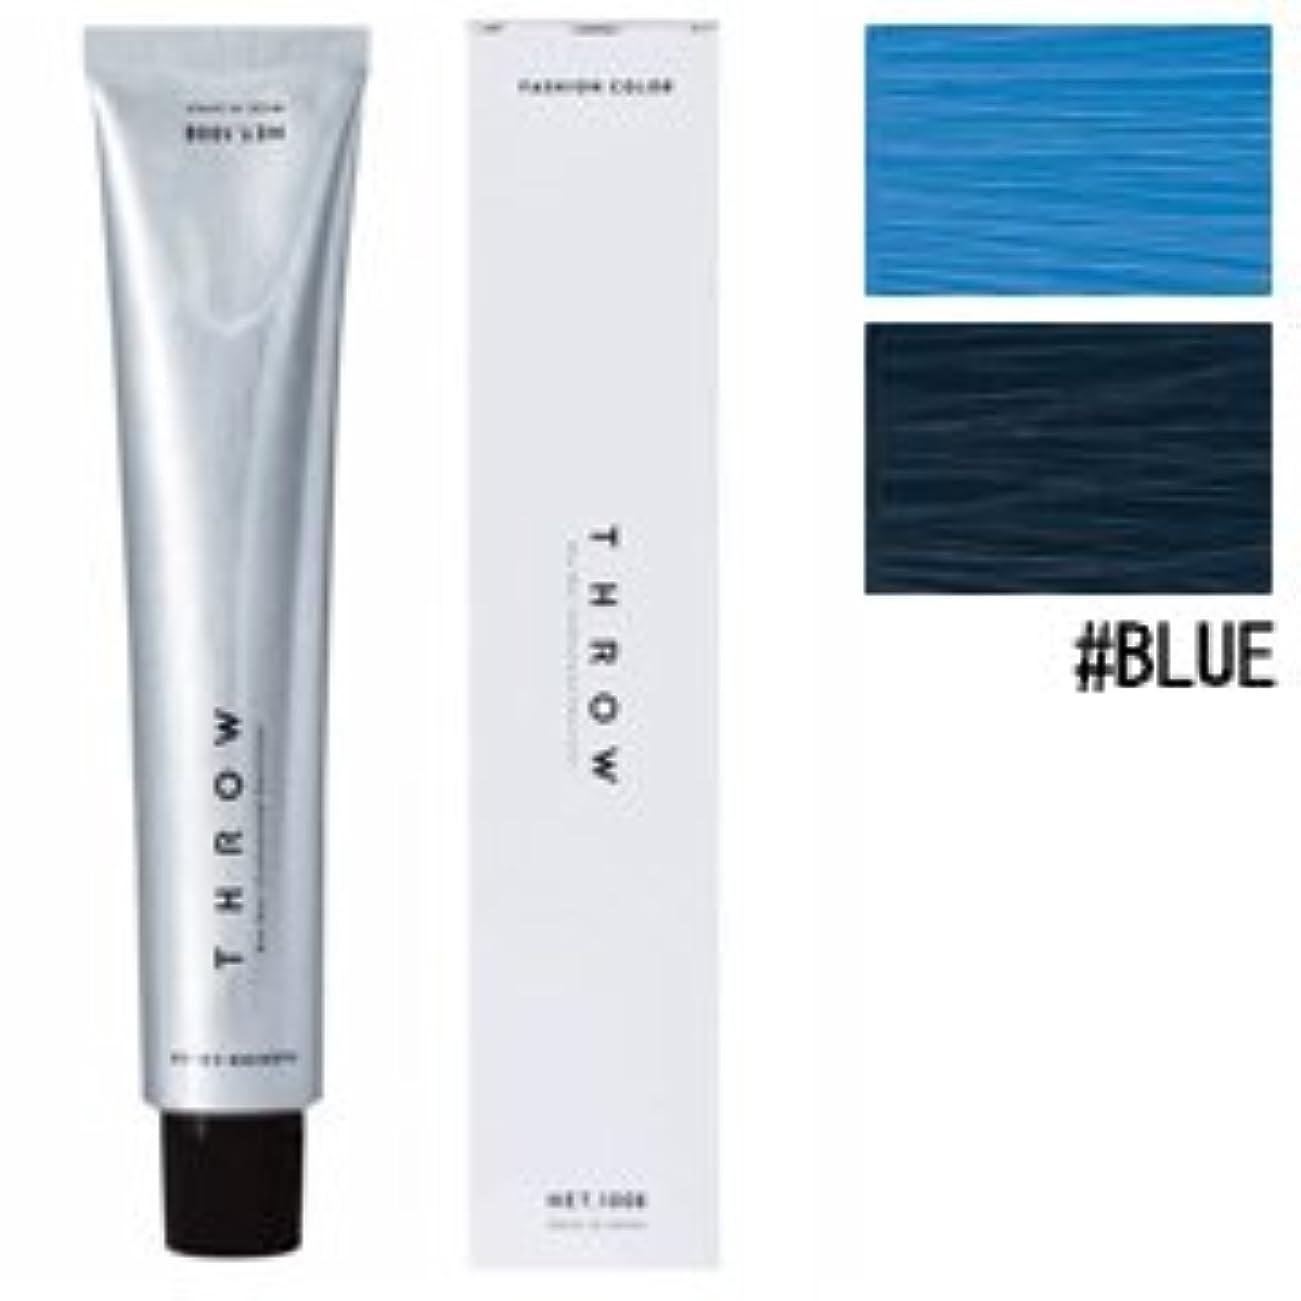 先住民ポルトガル語ローマ人【モルトベーネ】スロウ ファッションカラー #BLUE 100g